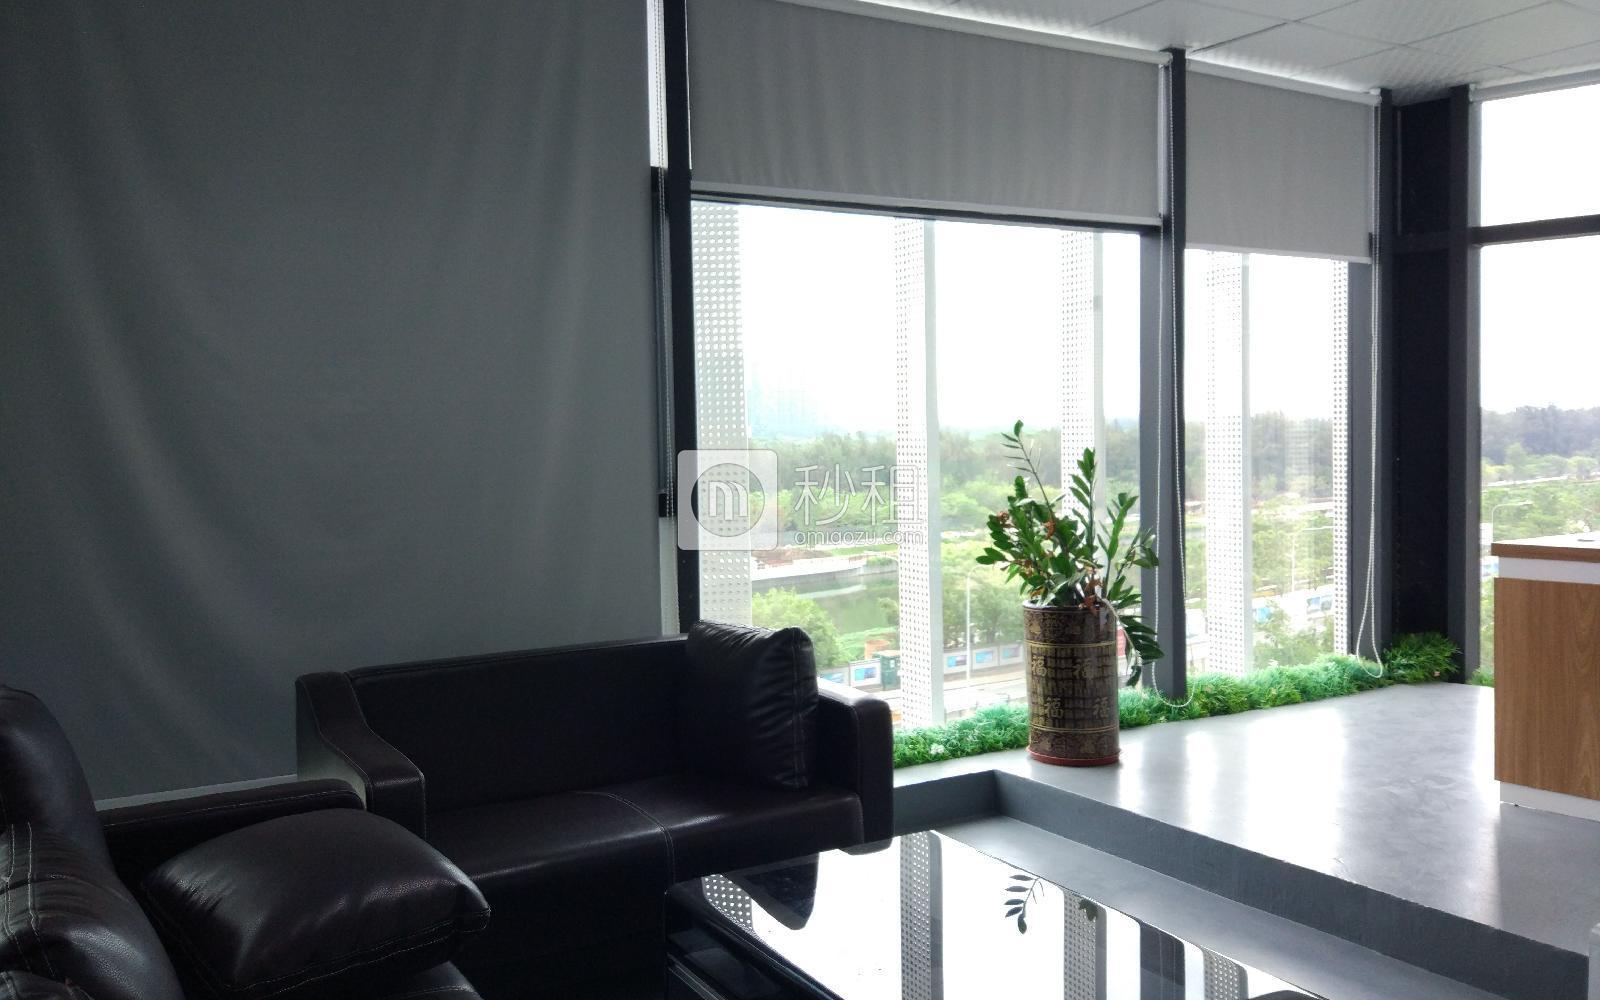 深圳湾科技生态园-维创方舟写字楼出租135平米精装办公室140元/m².月